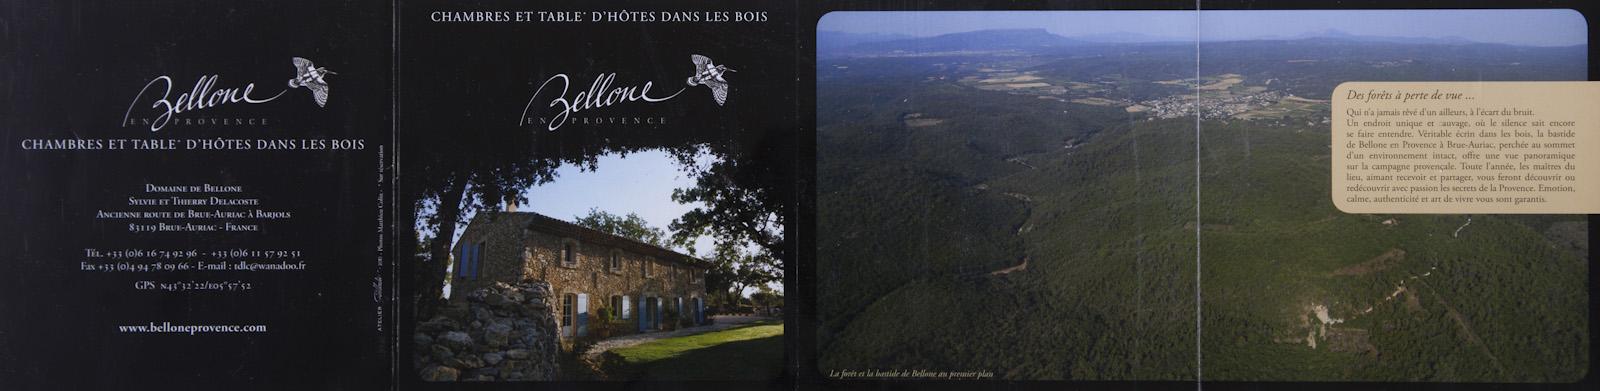 Maison d'hôte, Domaine de Bellone